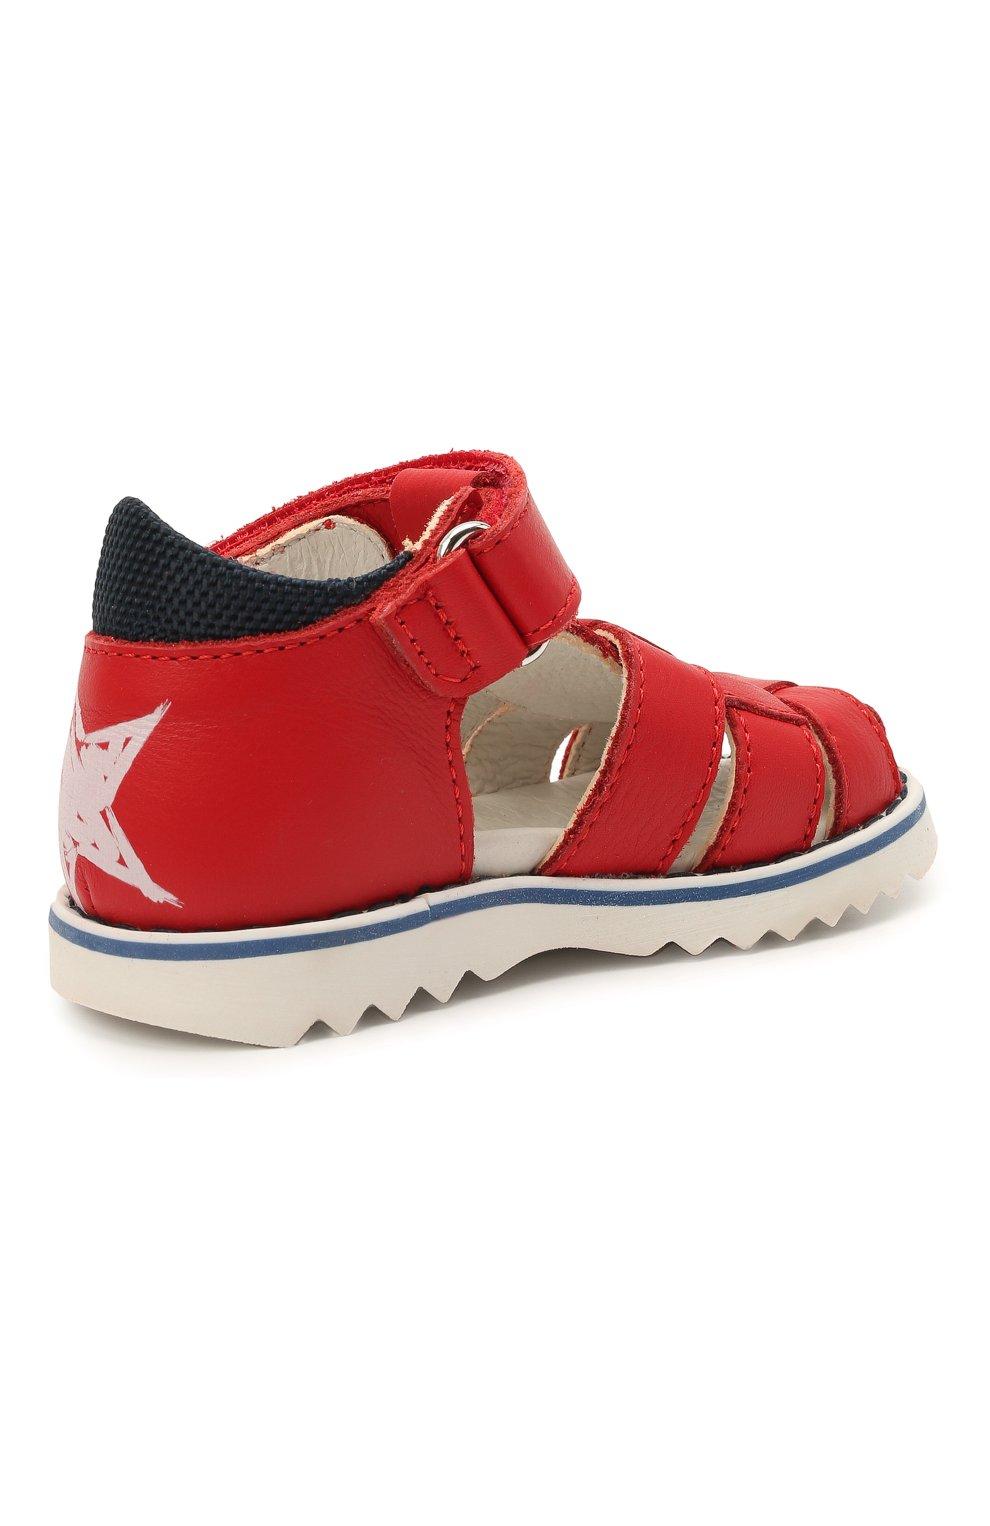 Детские кожаные сандалии WALKEY красного цвета, арт. Y1B2-41297-0030 | Фото 3 (Материал внутренний: Натуральная кожа)